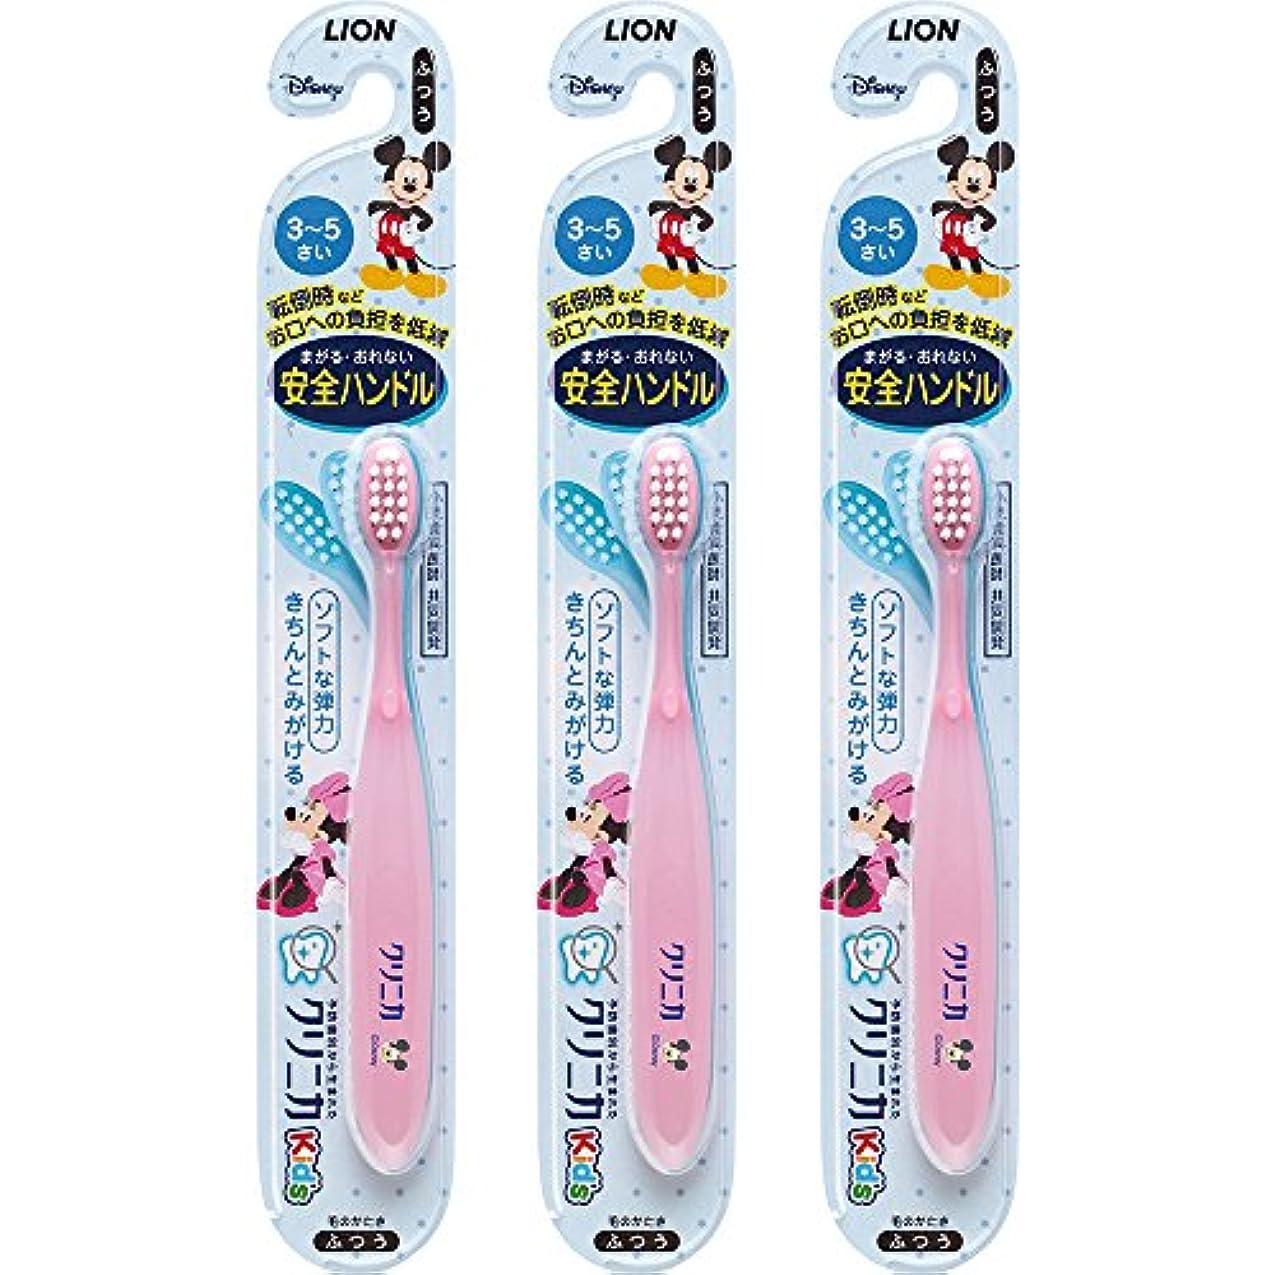 すべて保存する高めるクリニカKid's ハブラシ 3-5才用 3本(ピンク)